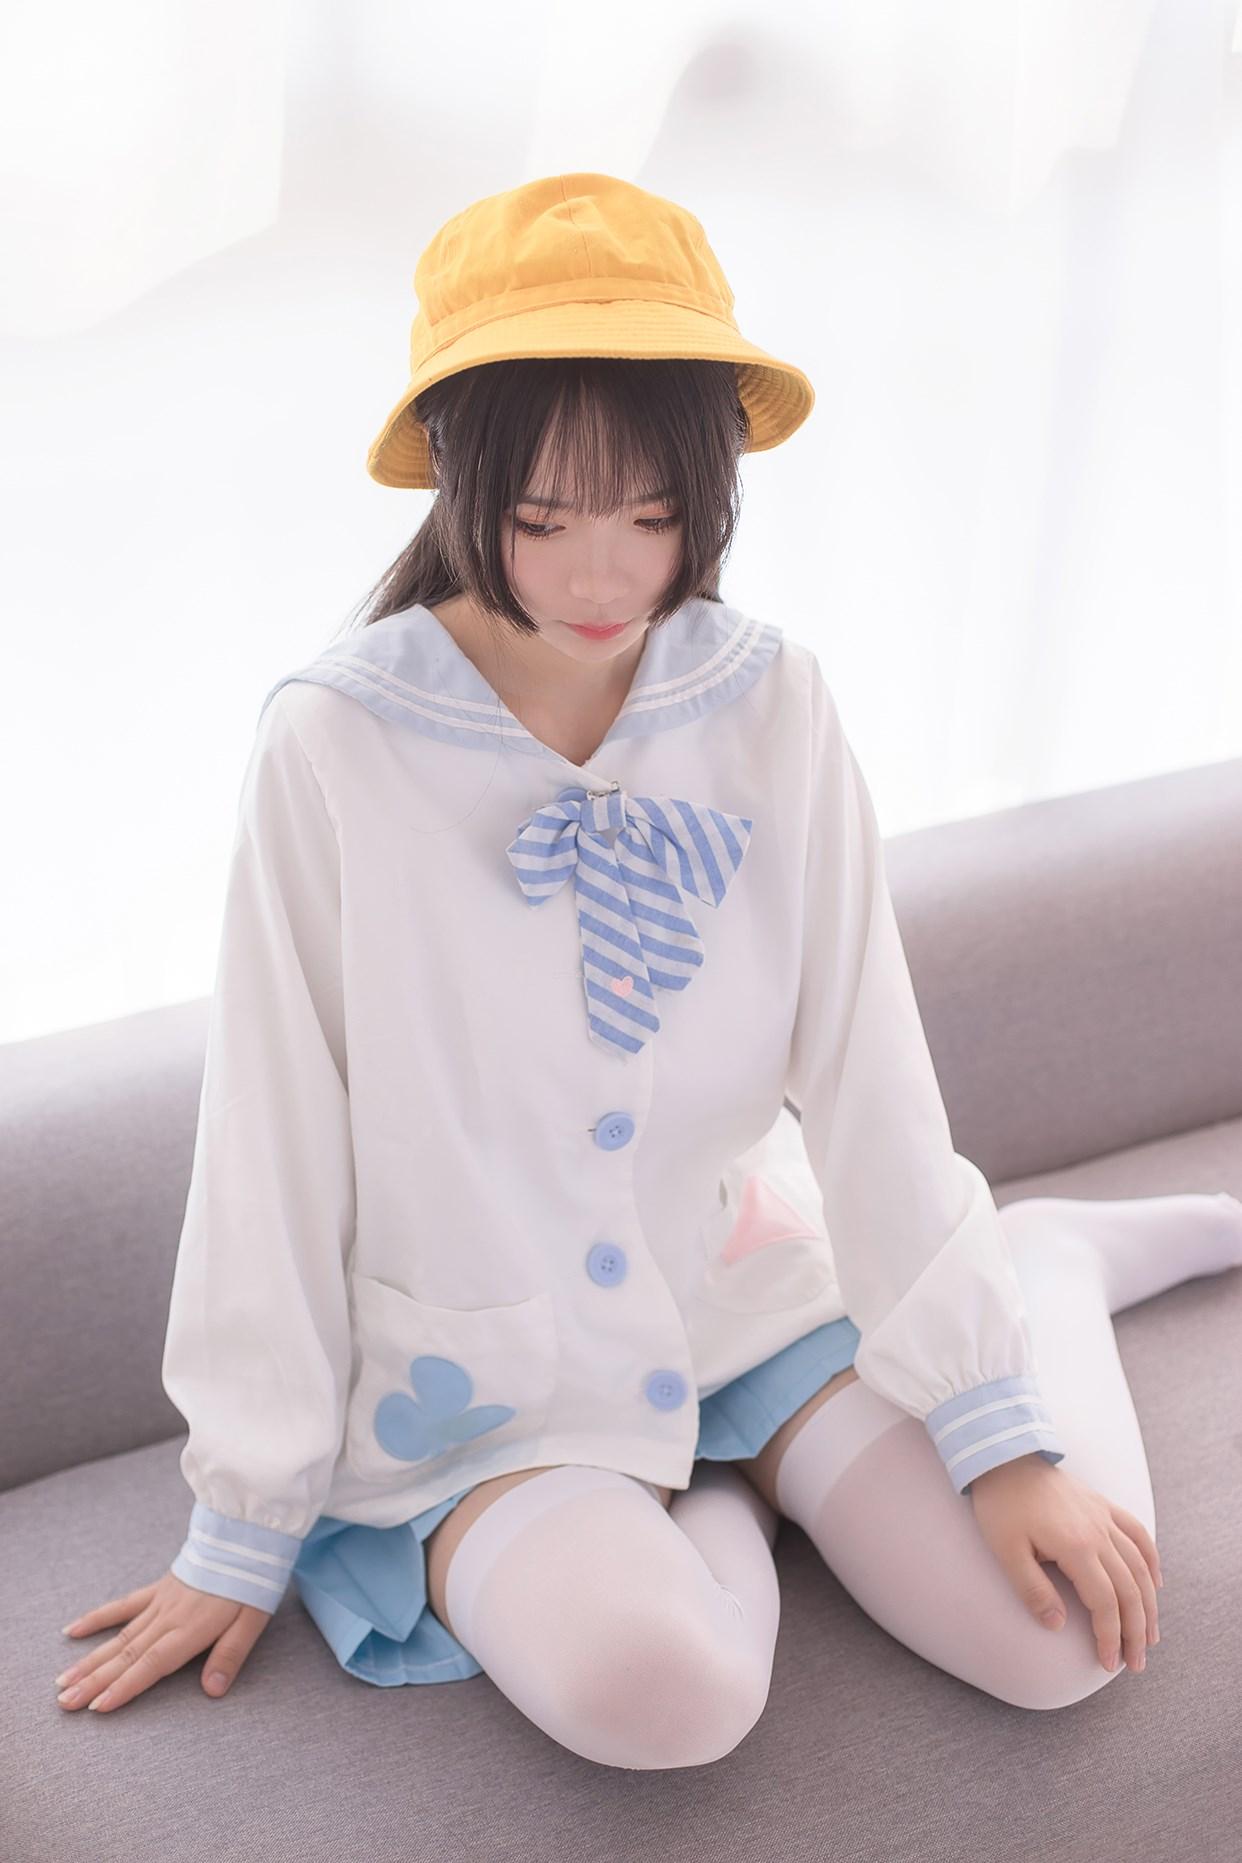 【兔玩映画】小黄帽和白丝 兔玩映画 第17张